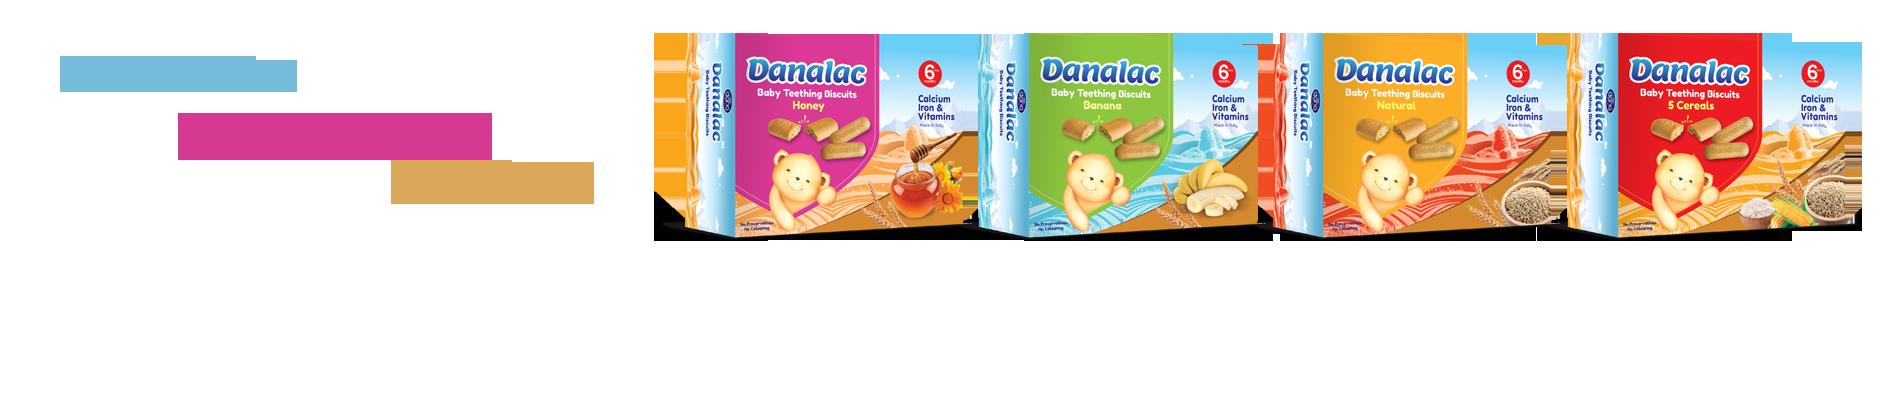 Galletas de dentición Danalac - Refuerzo nutricional añadido procedente de la naturaleza